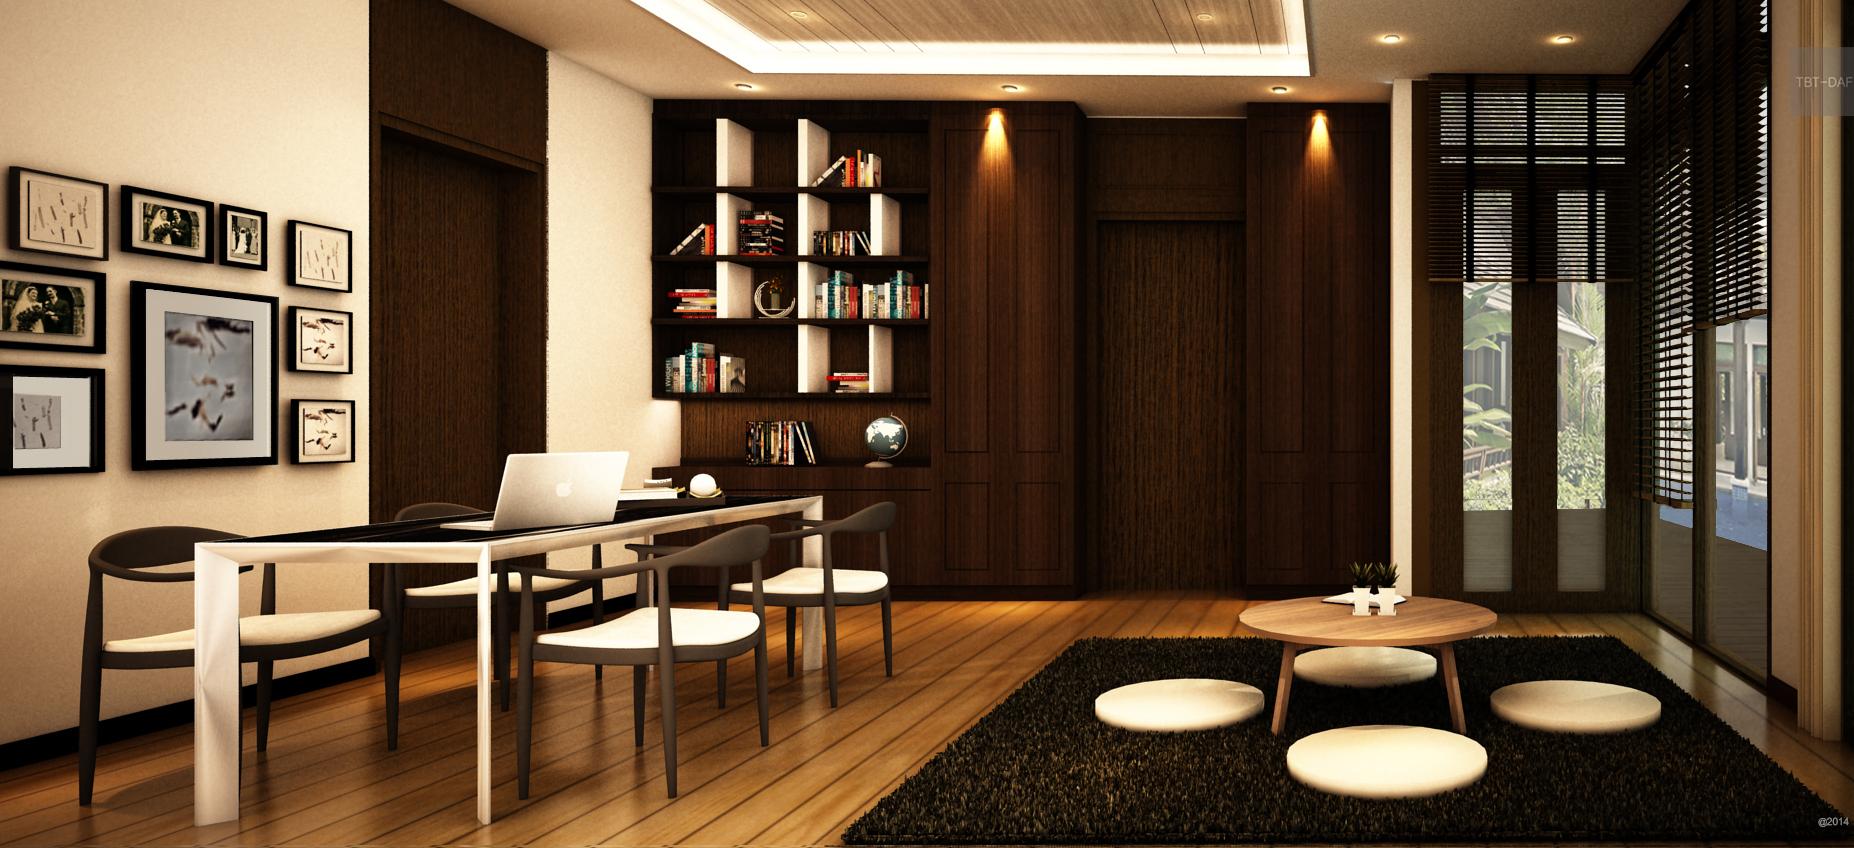 TBT-DAF interior 99 residence 12